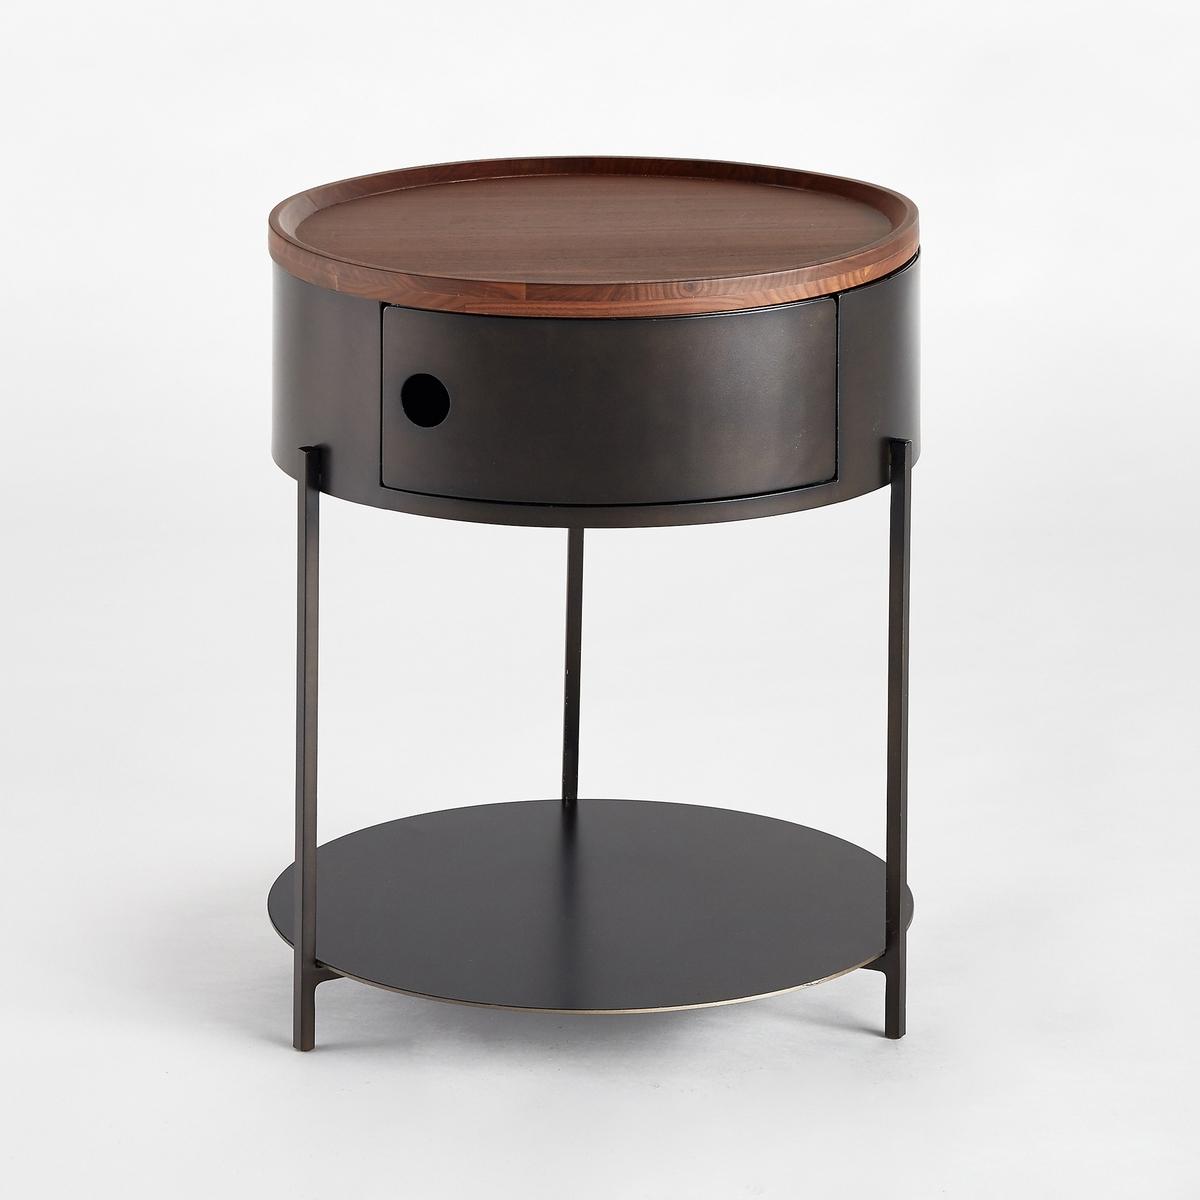 Ночной столик из массива орехового дерева, Talbingo кровать из массива дерева credit suisse 1 2 1 5 1 8